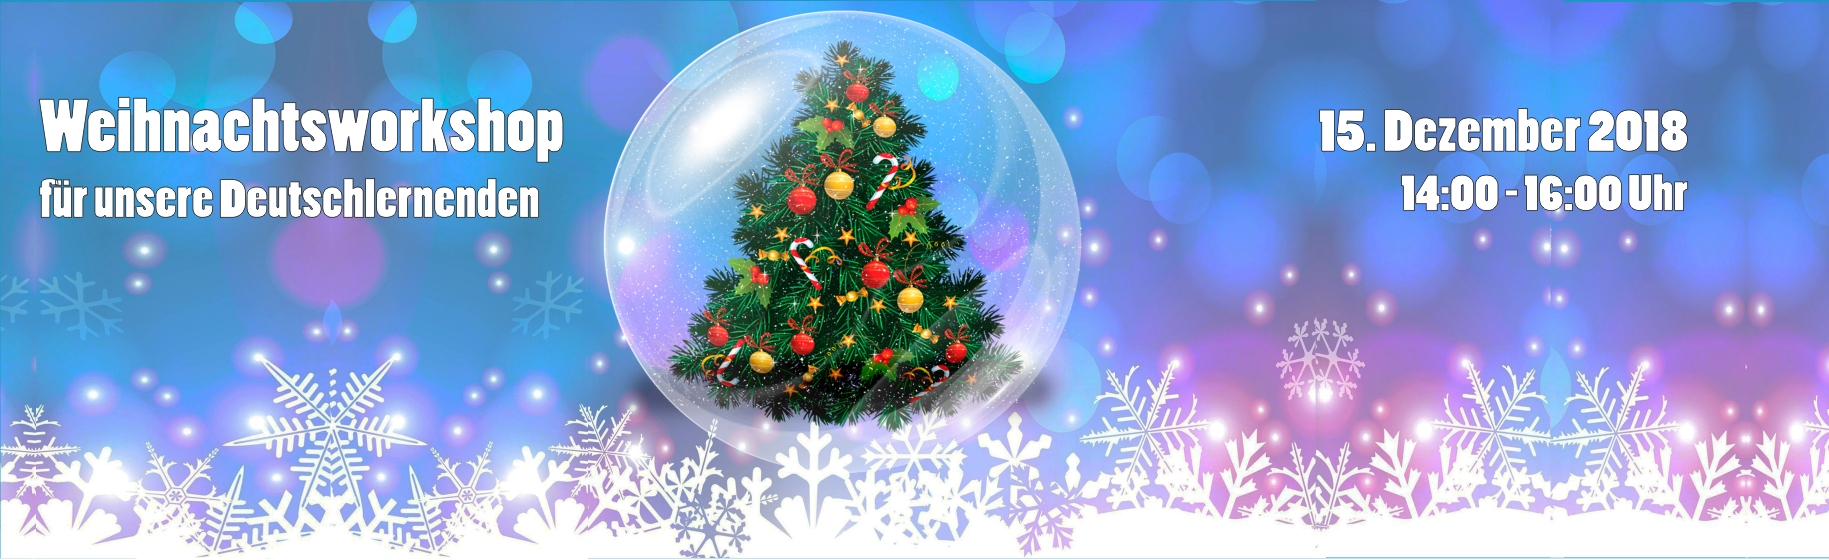 (Română) Weihnachtsworkshop